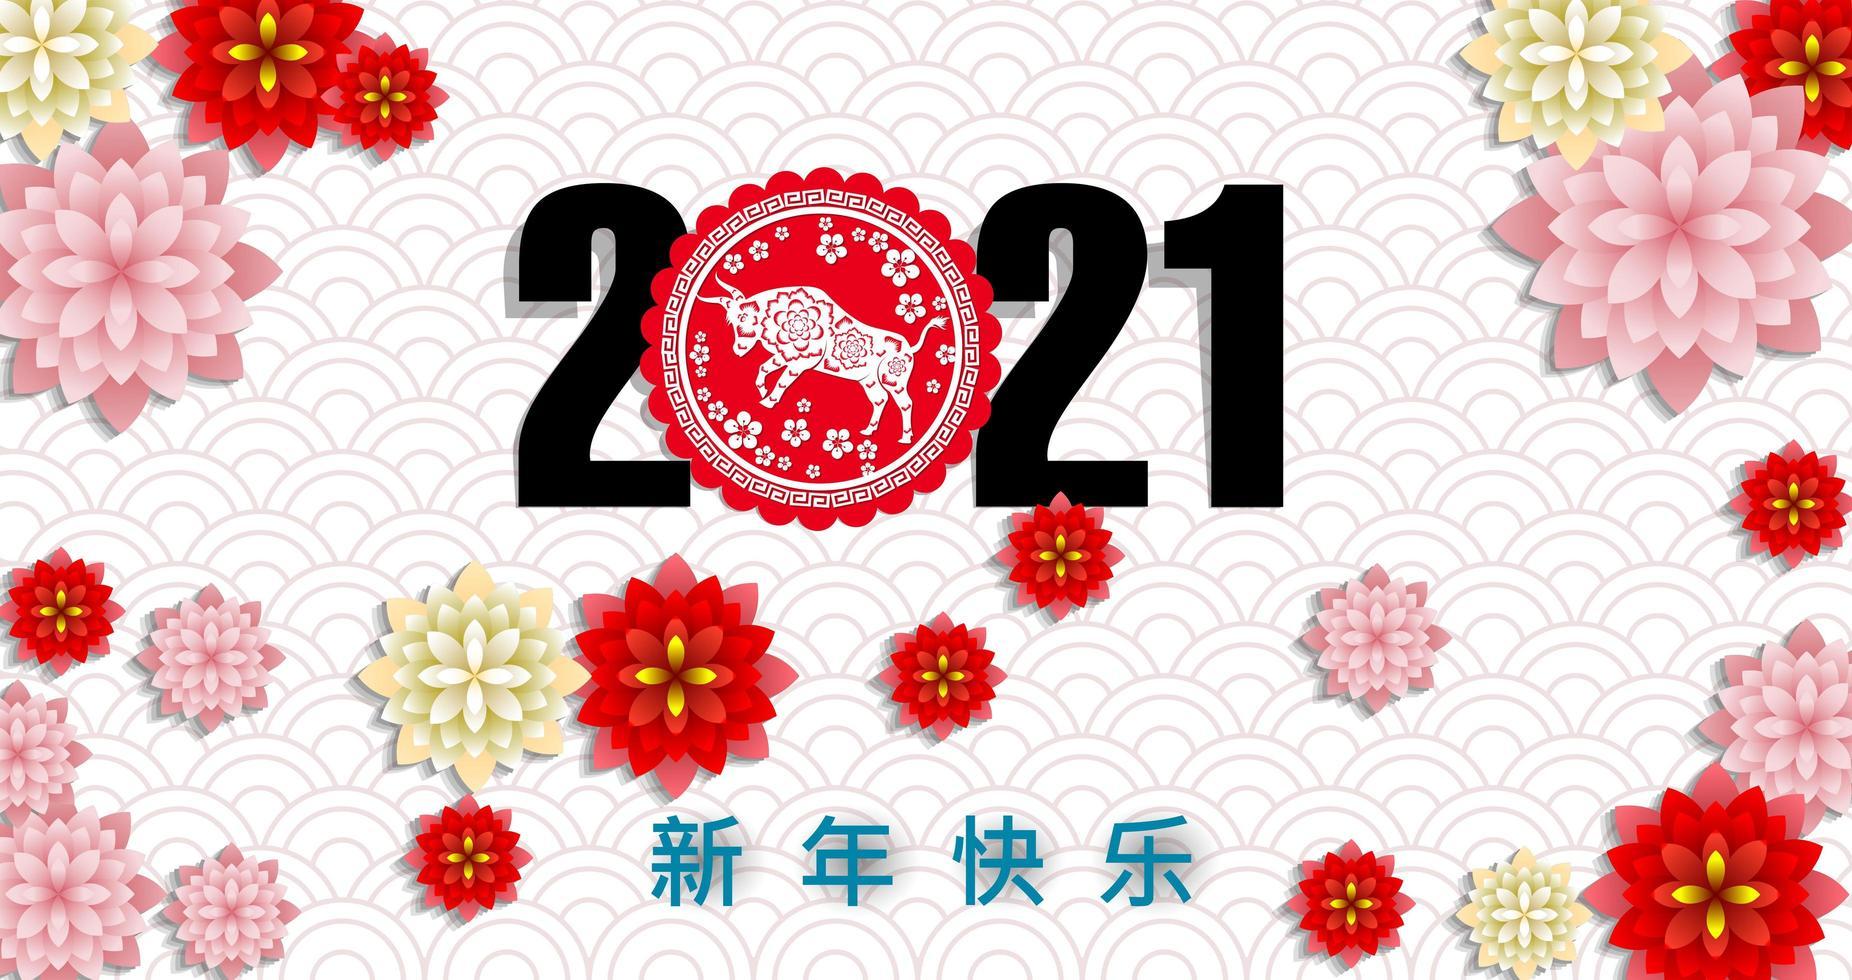 2021 anno del poster floreale di bue vettore